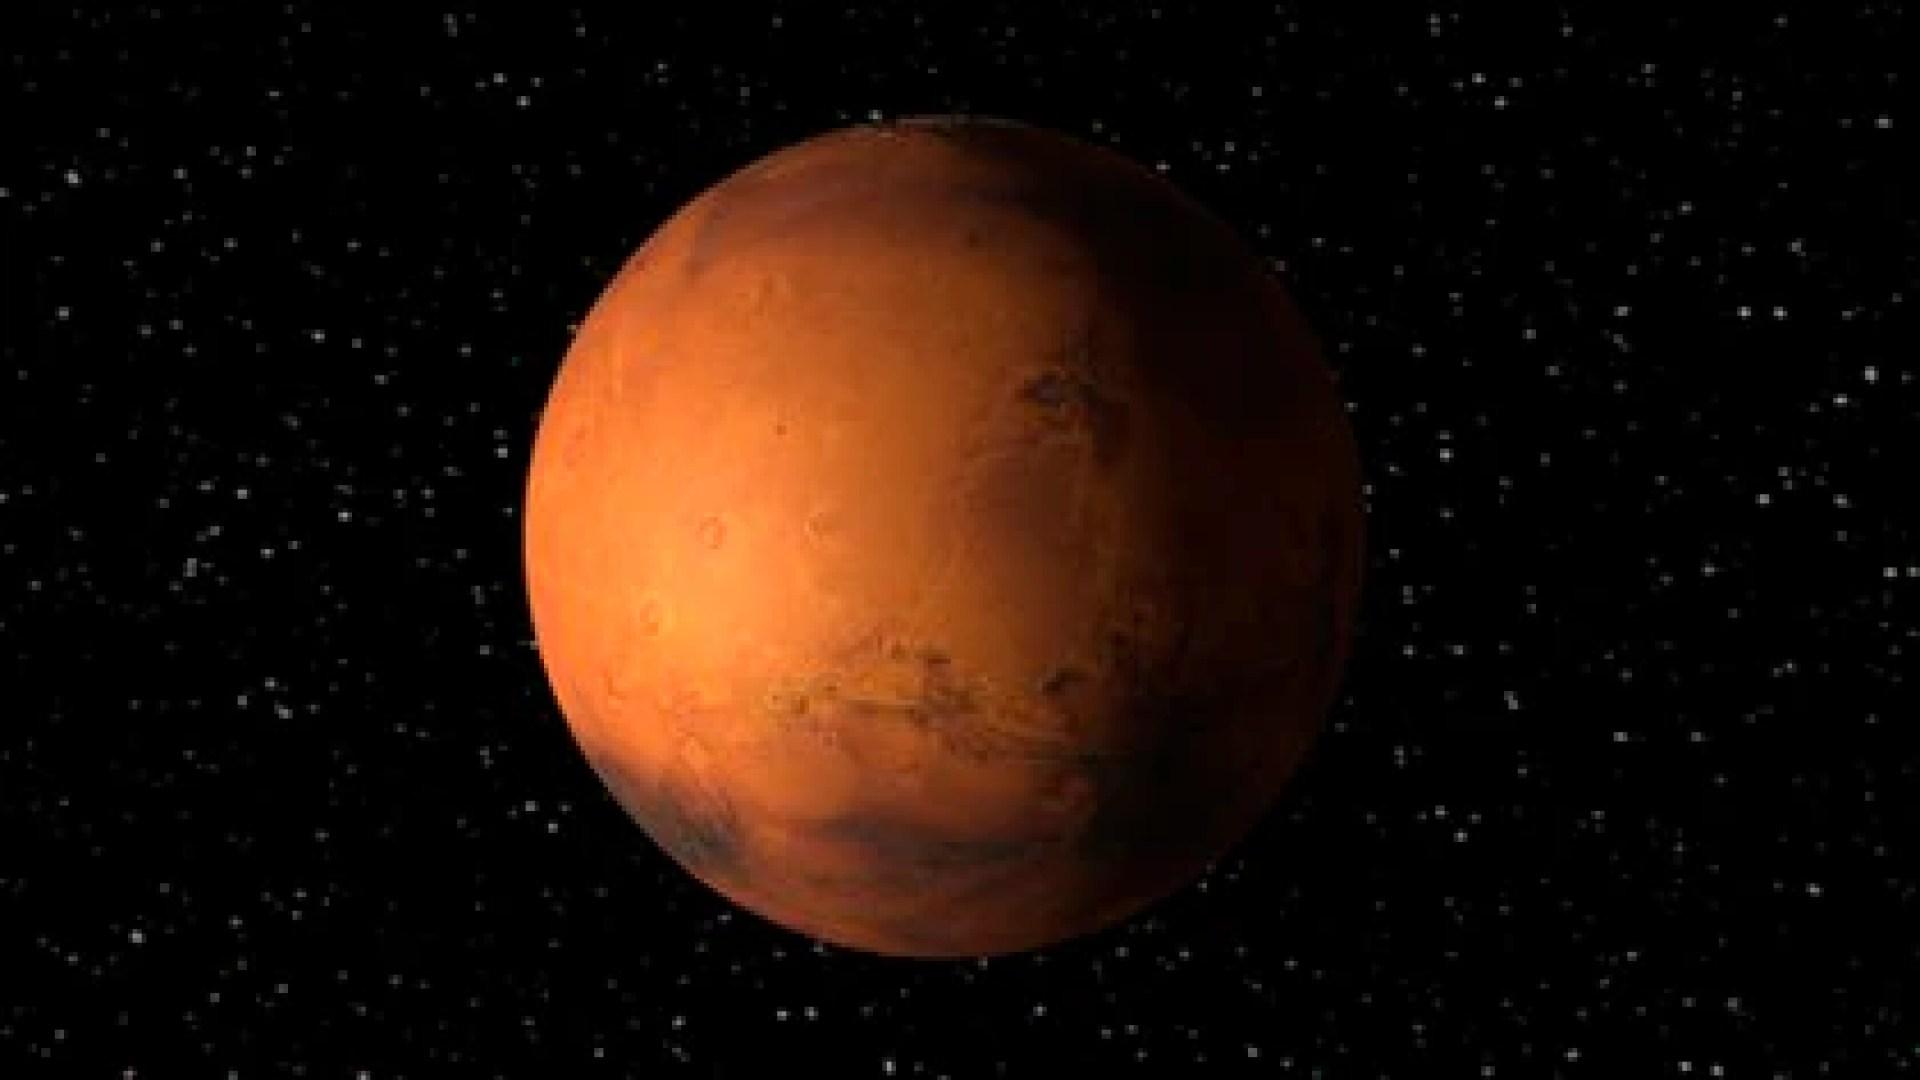 """""""Las disputas se resolverán mediante principios de autogobierno, establecidos de buena fe, en el momento del asentamiento en Marte"""", dice un artículo de los Términos de Servicio de Starlink.(NASA)"""